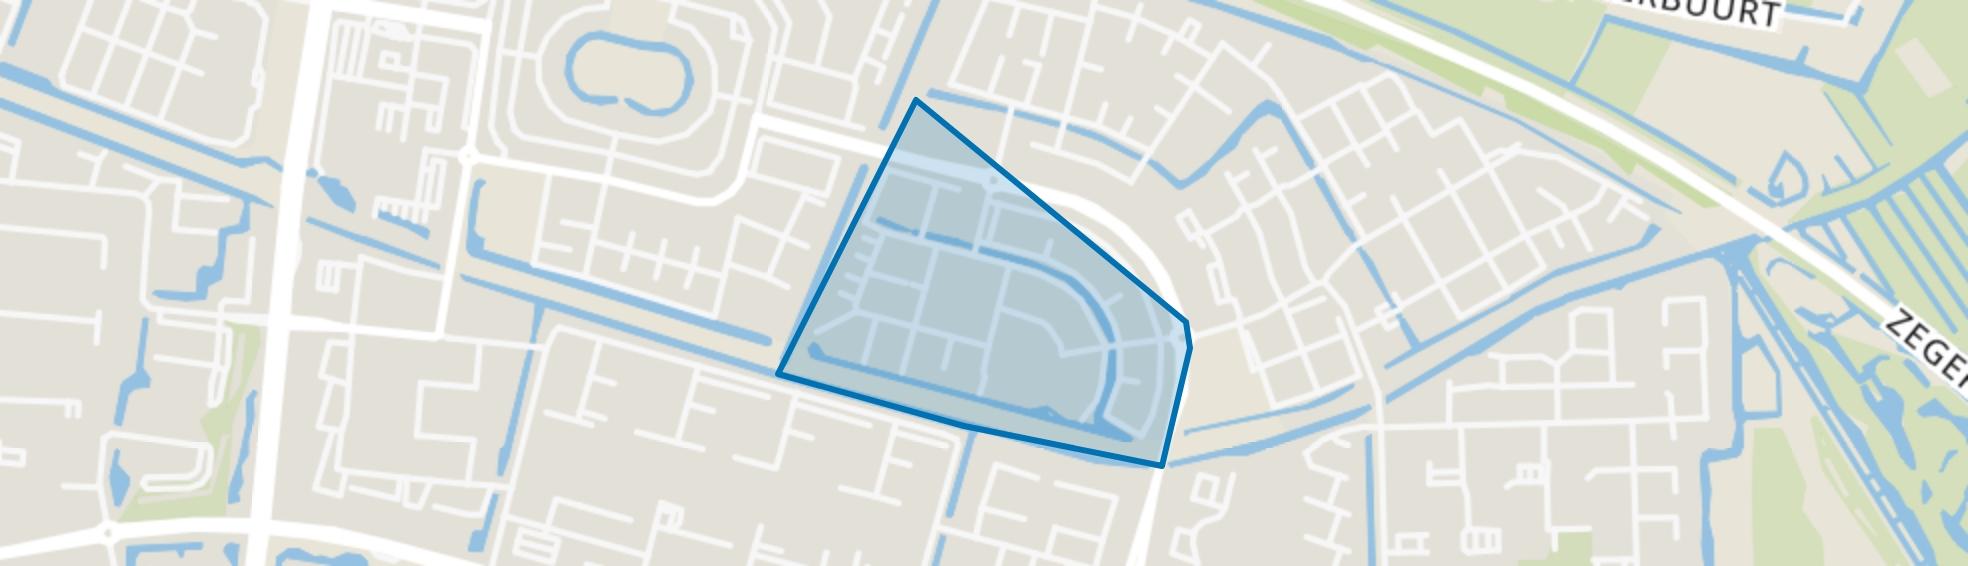 Burgtenbuurt, Alphen aan den Rijn map